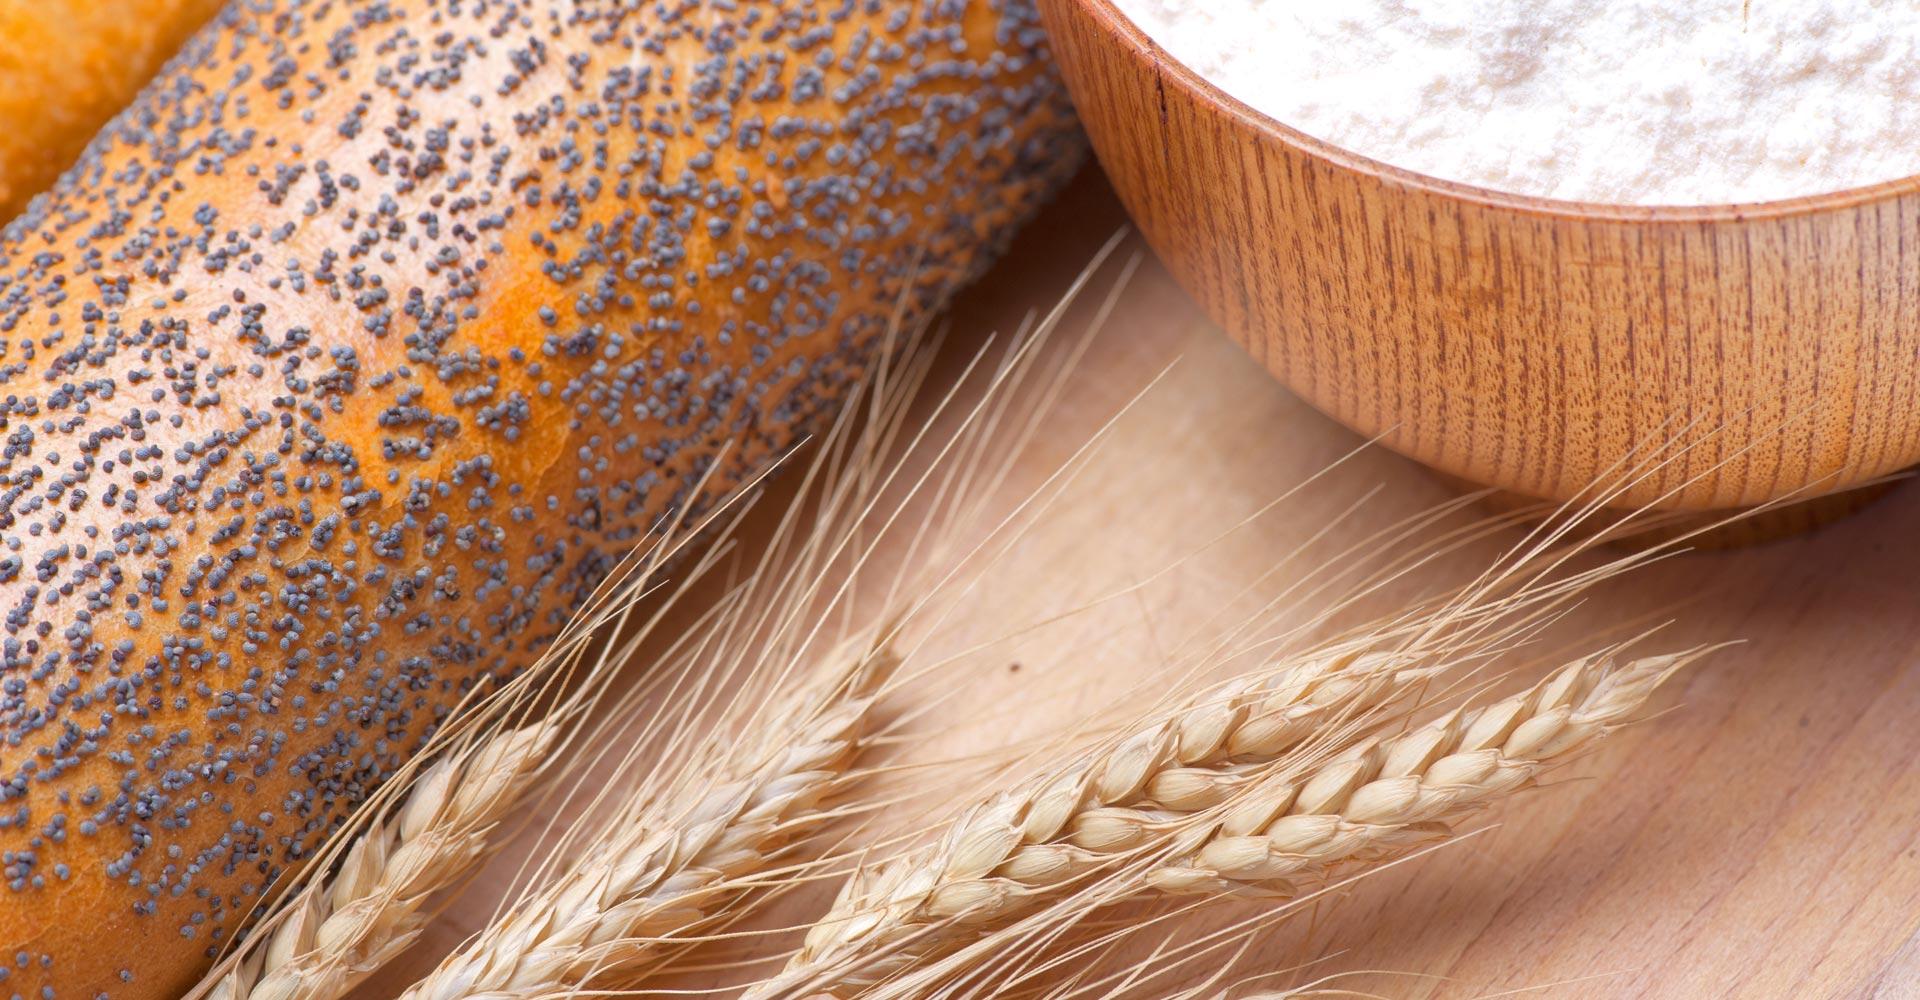 Forbak s.r.o. - all for bak - všetko pre pečenie, pekárenské, cukrárenské a gastro zariadenia, suroviny a prípravky na pečenie